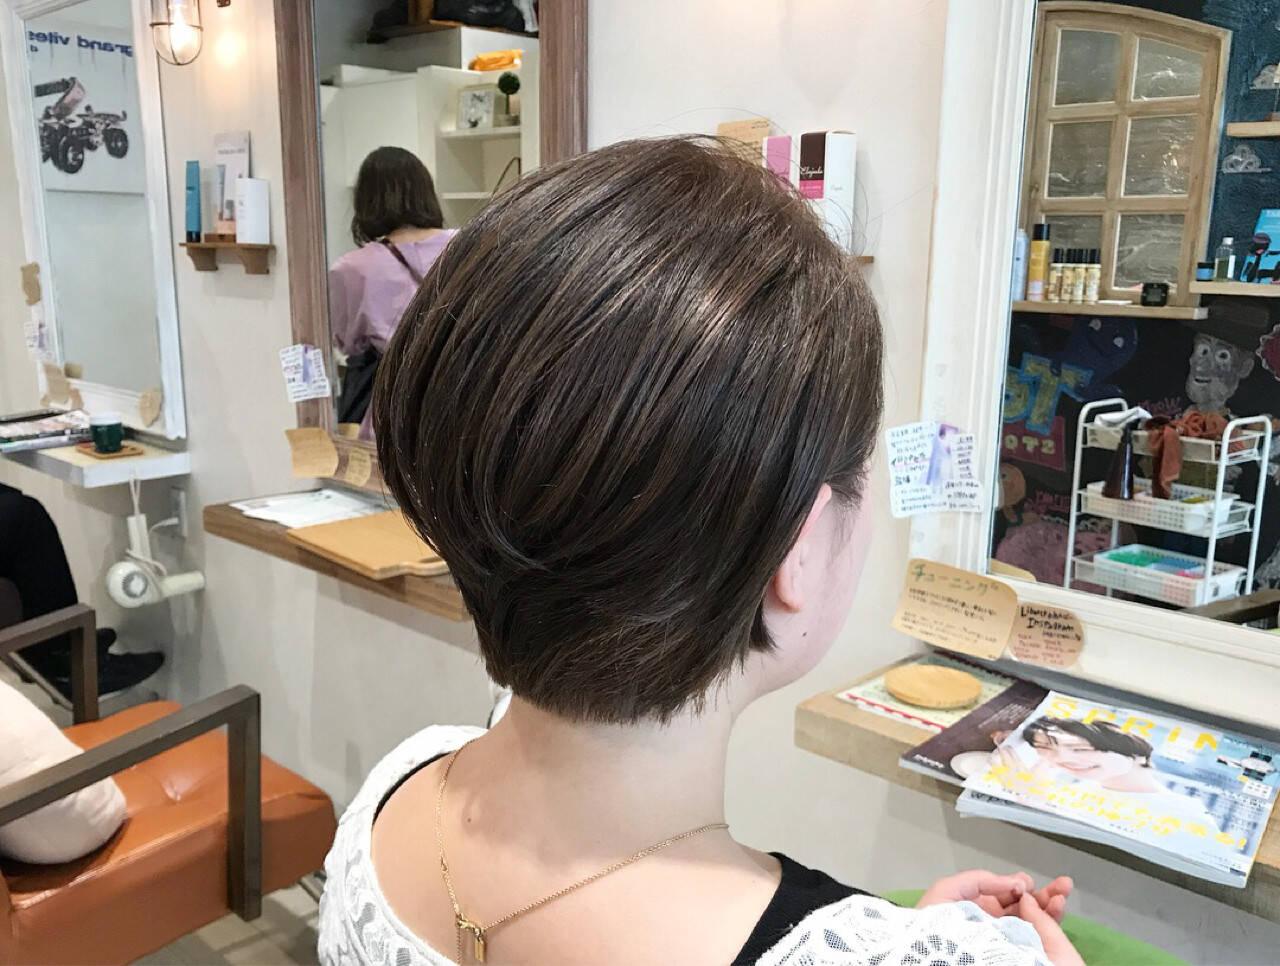 ボブ 透明感 オフィス ショートボブヘアスタイルや髪型の写真・画像